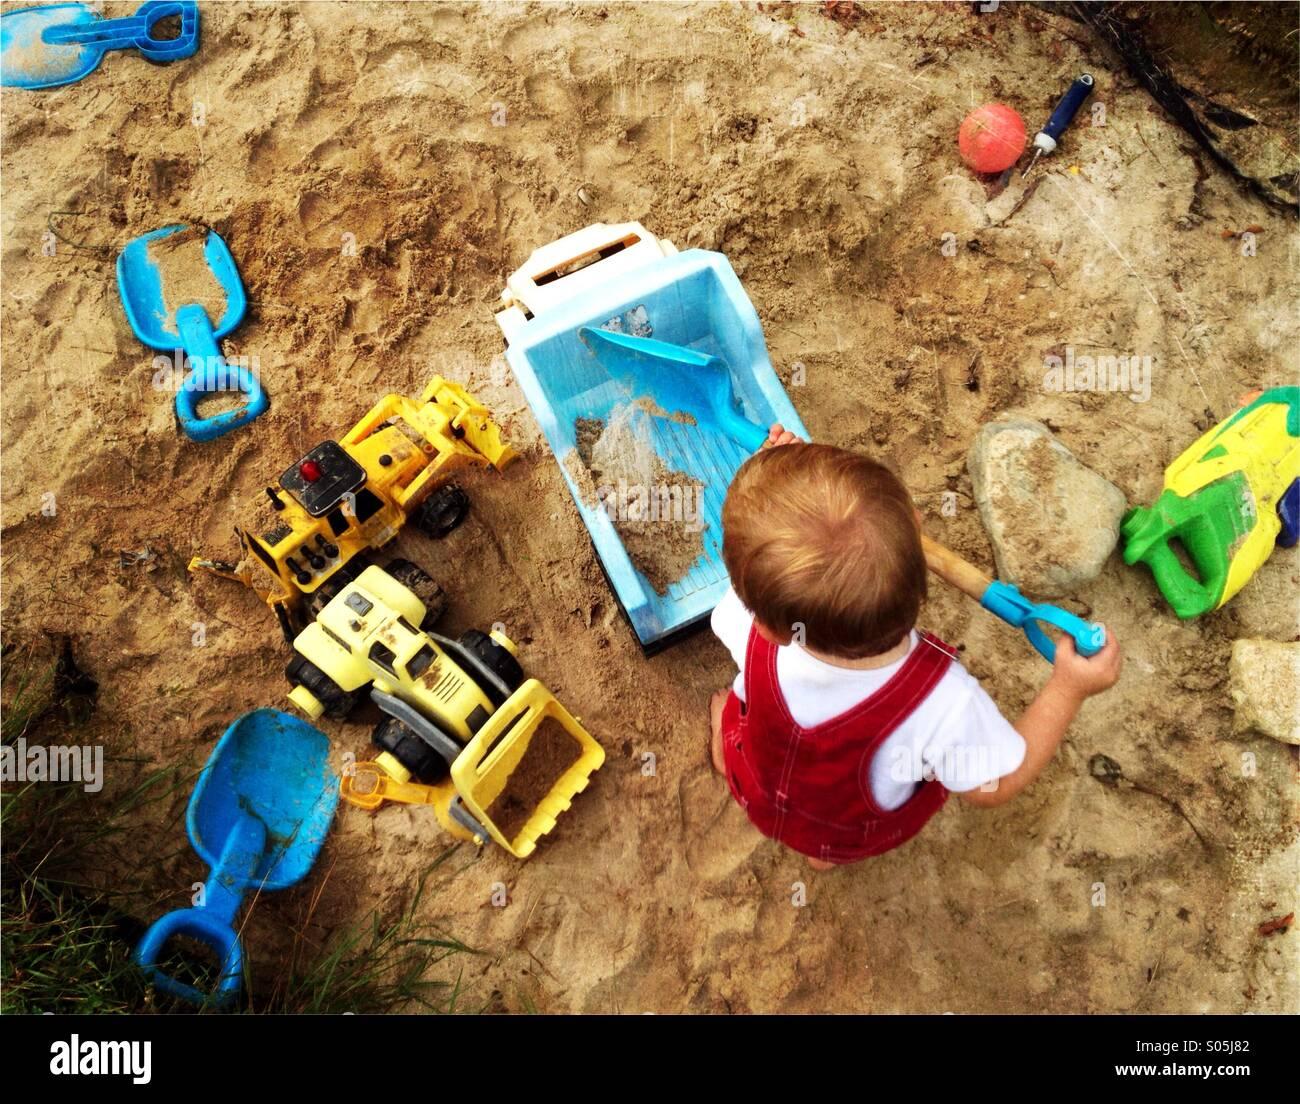 Bébé garçon joue avec une pelle et camions dans un grand bac à sable. Photo Stock